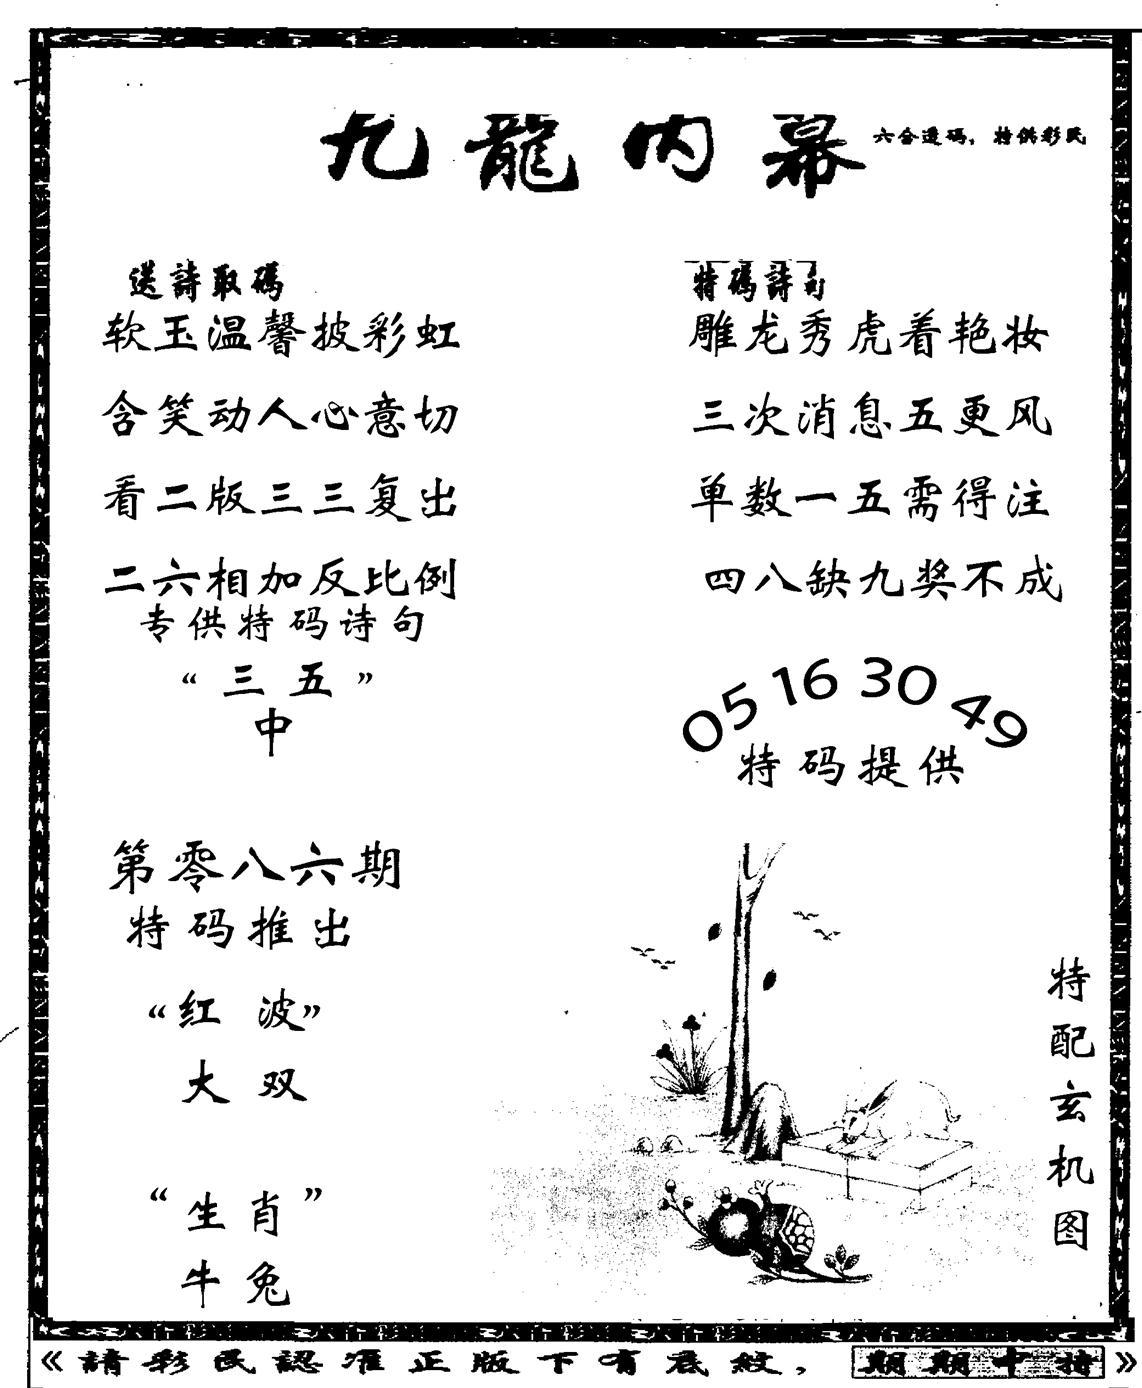 086期老九龙内幕(黑白)